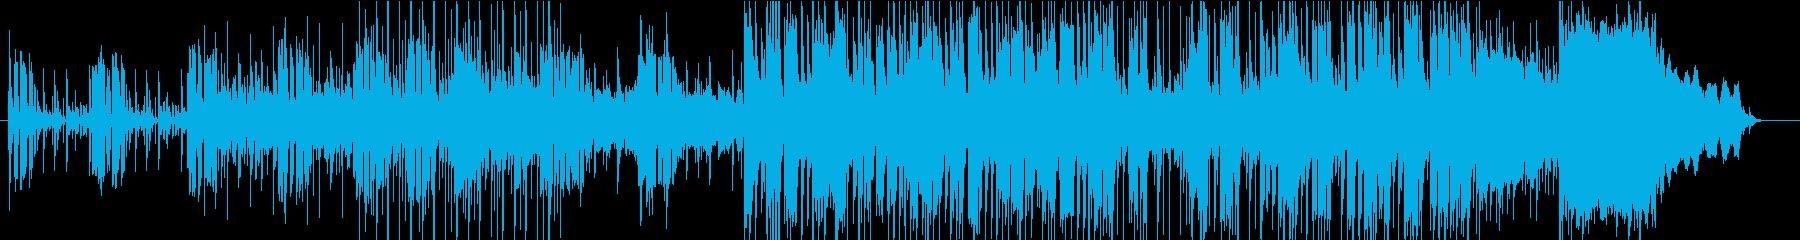 ファンキーなグルーヴ、ビッグビート...の再生済みの波形